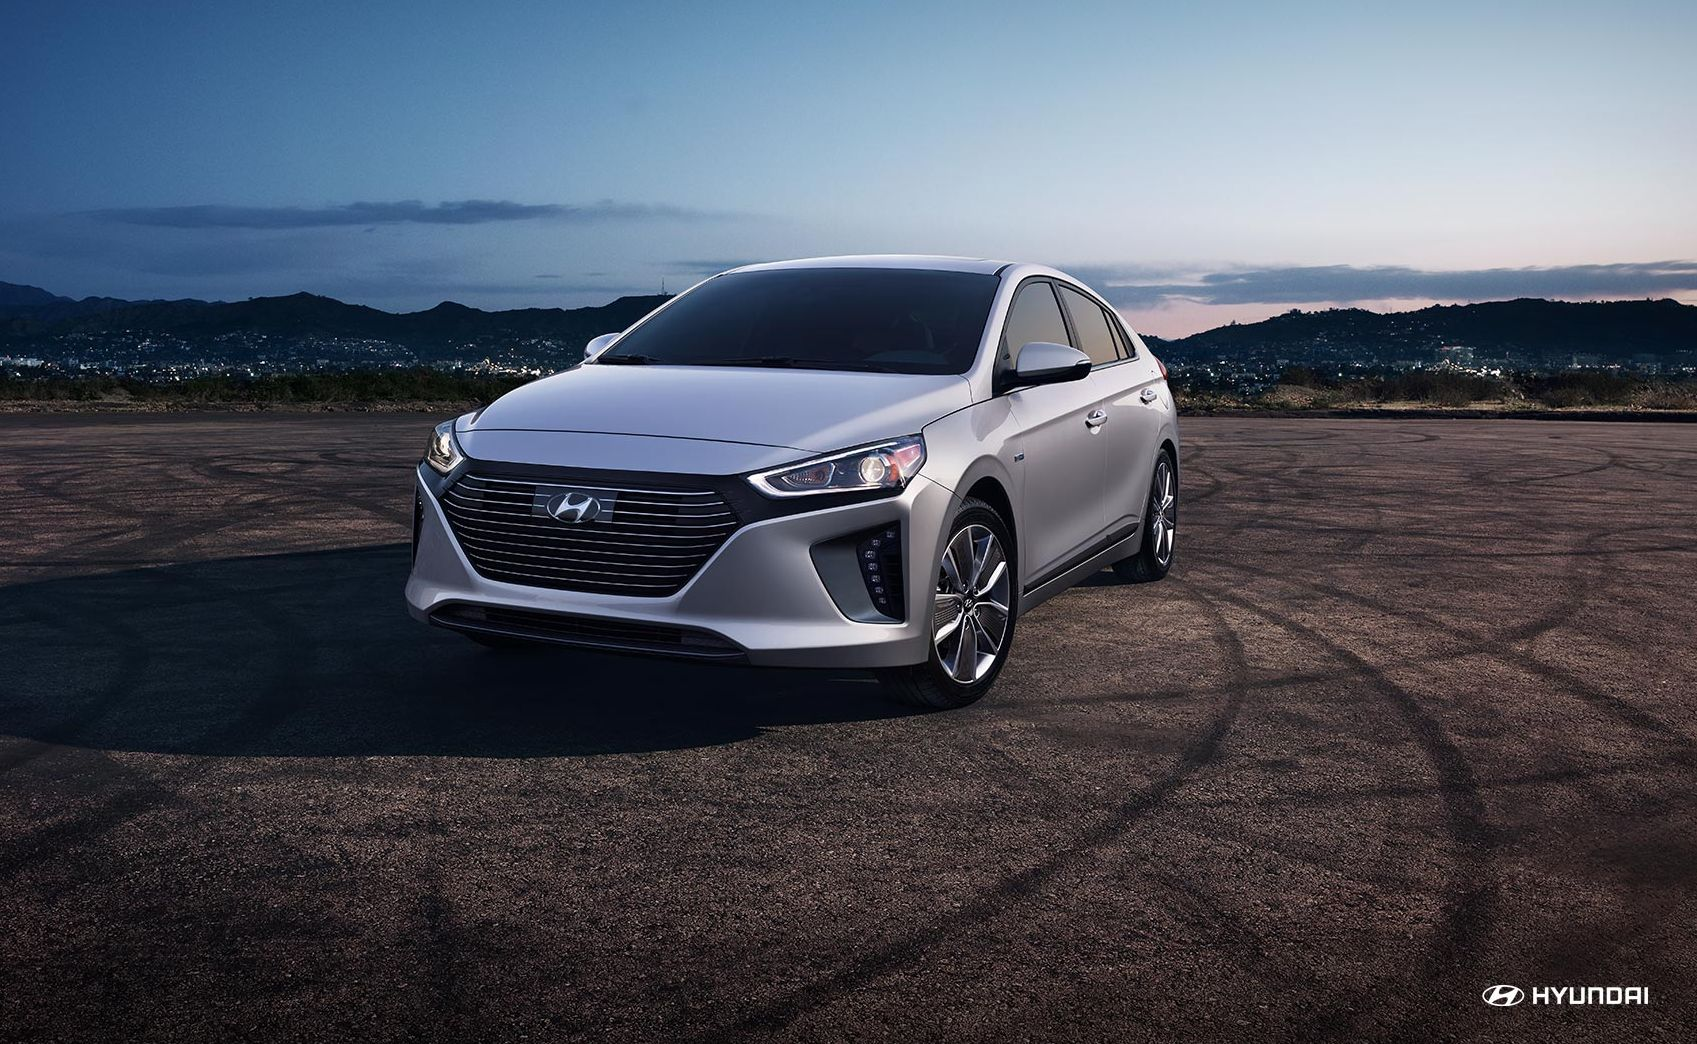 Hyundai Ioniq Híbrido 2019 a la venta cerca de Woodbridge, VA